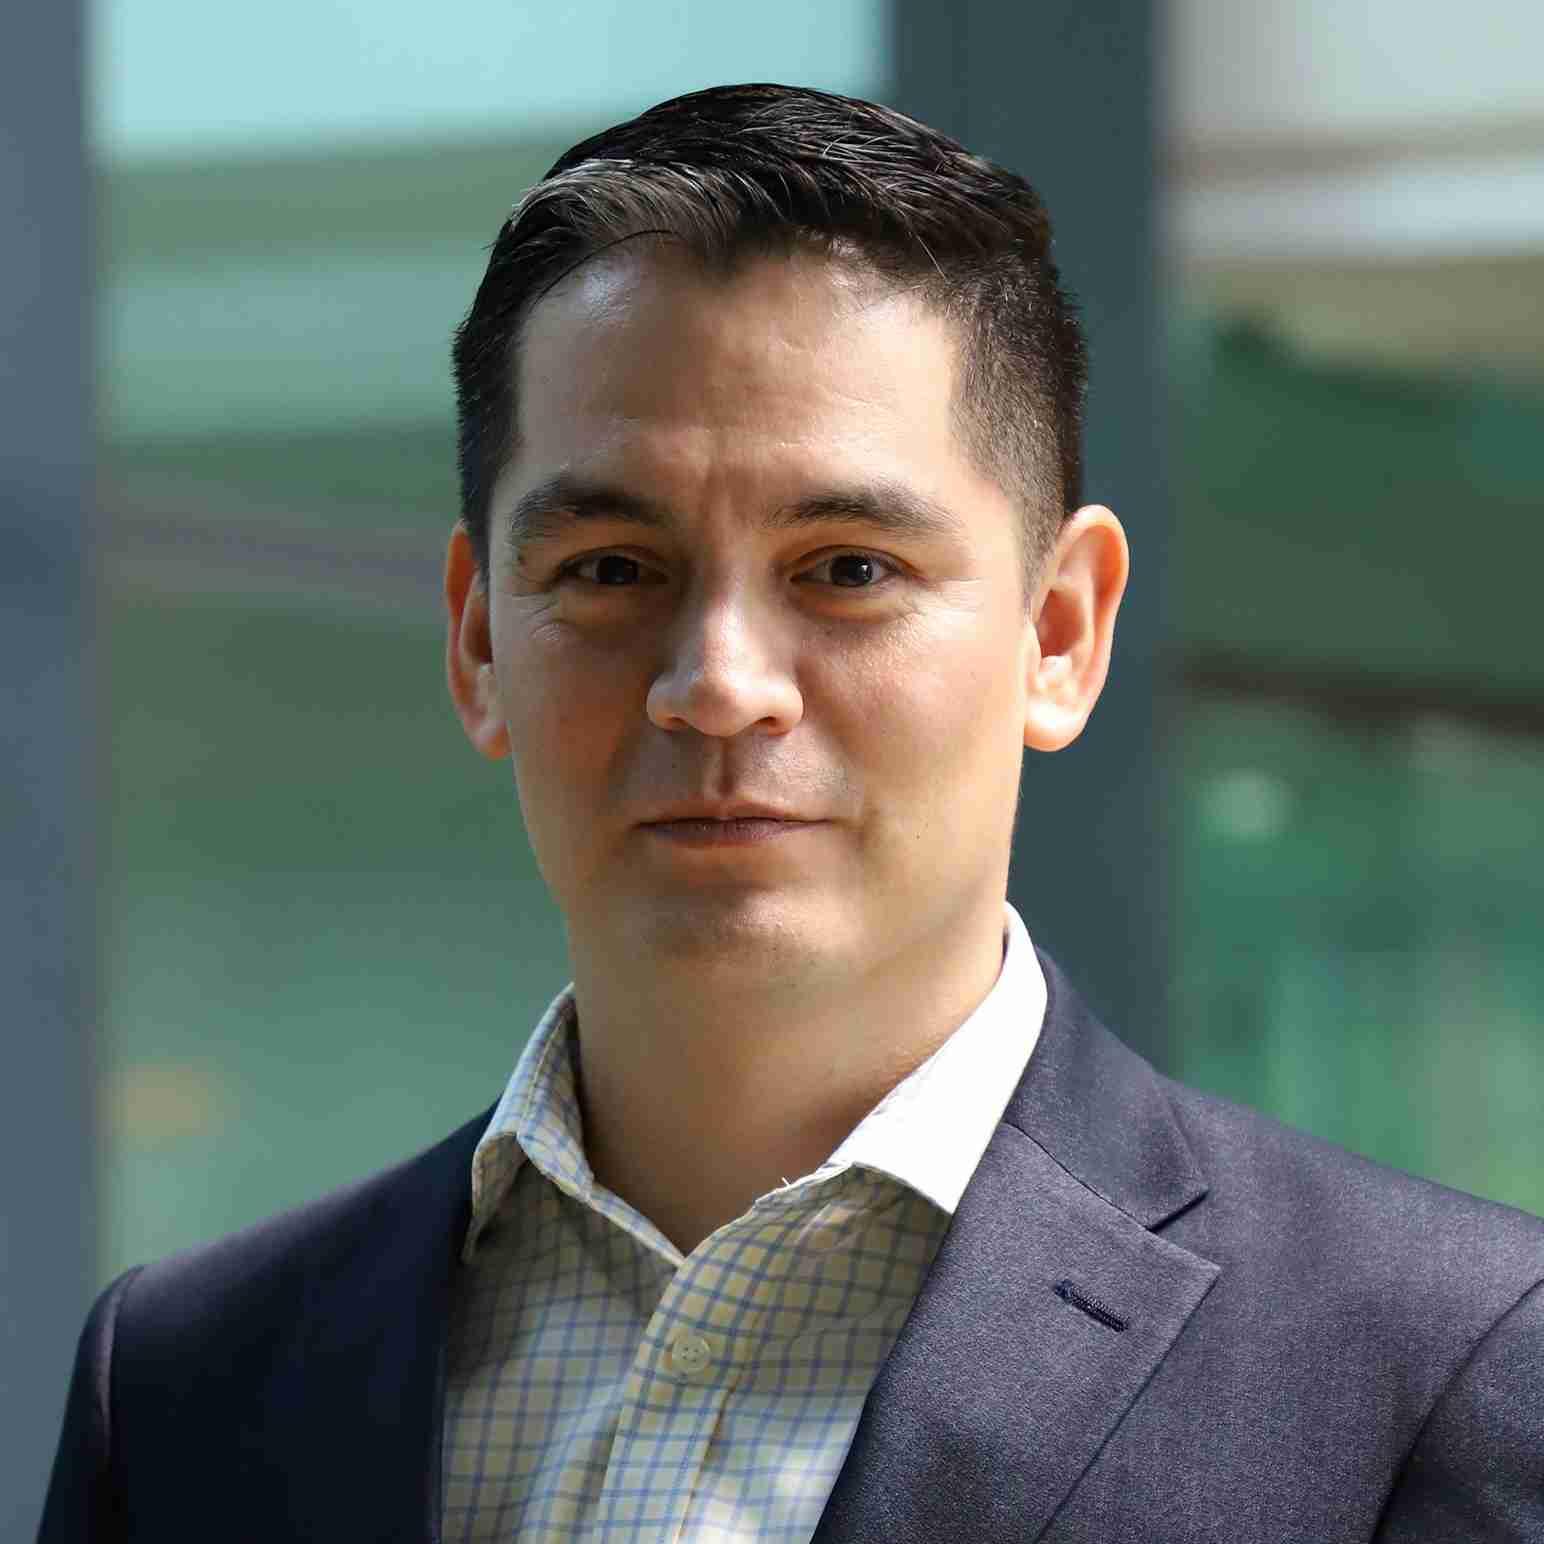 Fabian Mendez Ramos